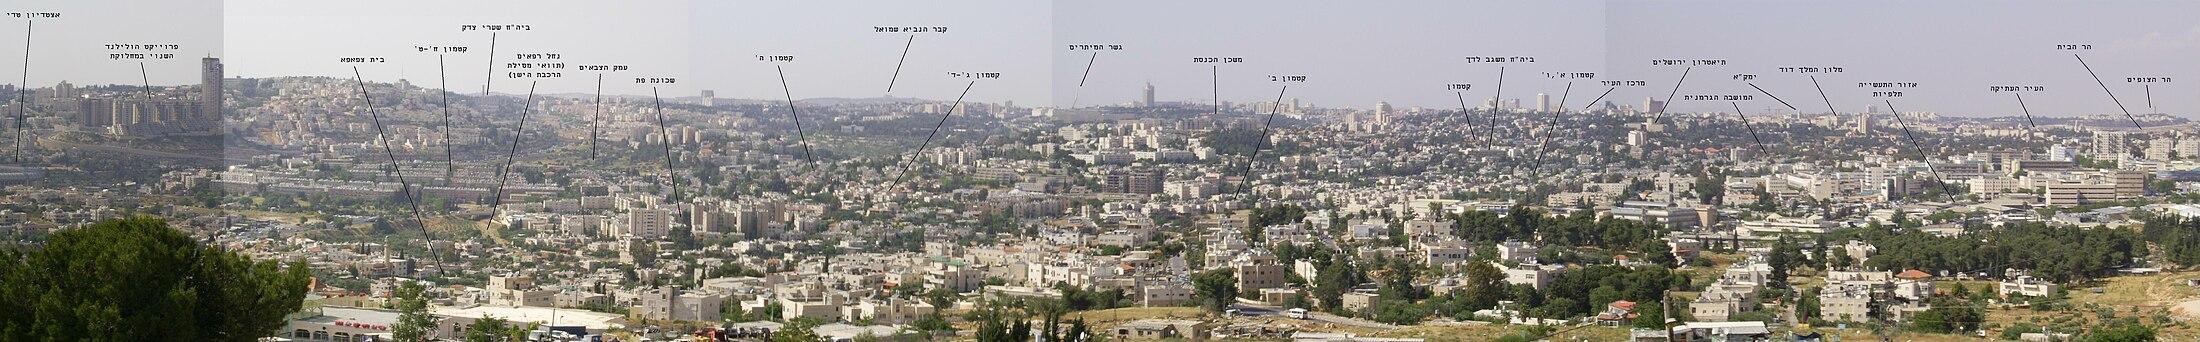 צילום פנורמי של שכונת הקטמונים והשכונות הגובלות בה